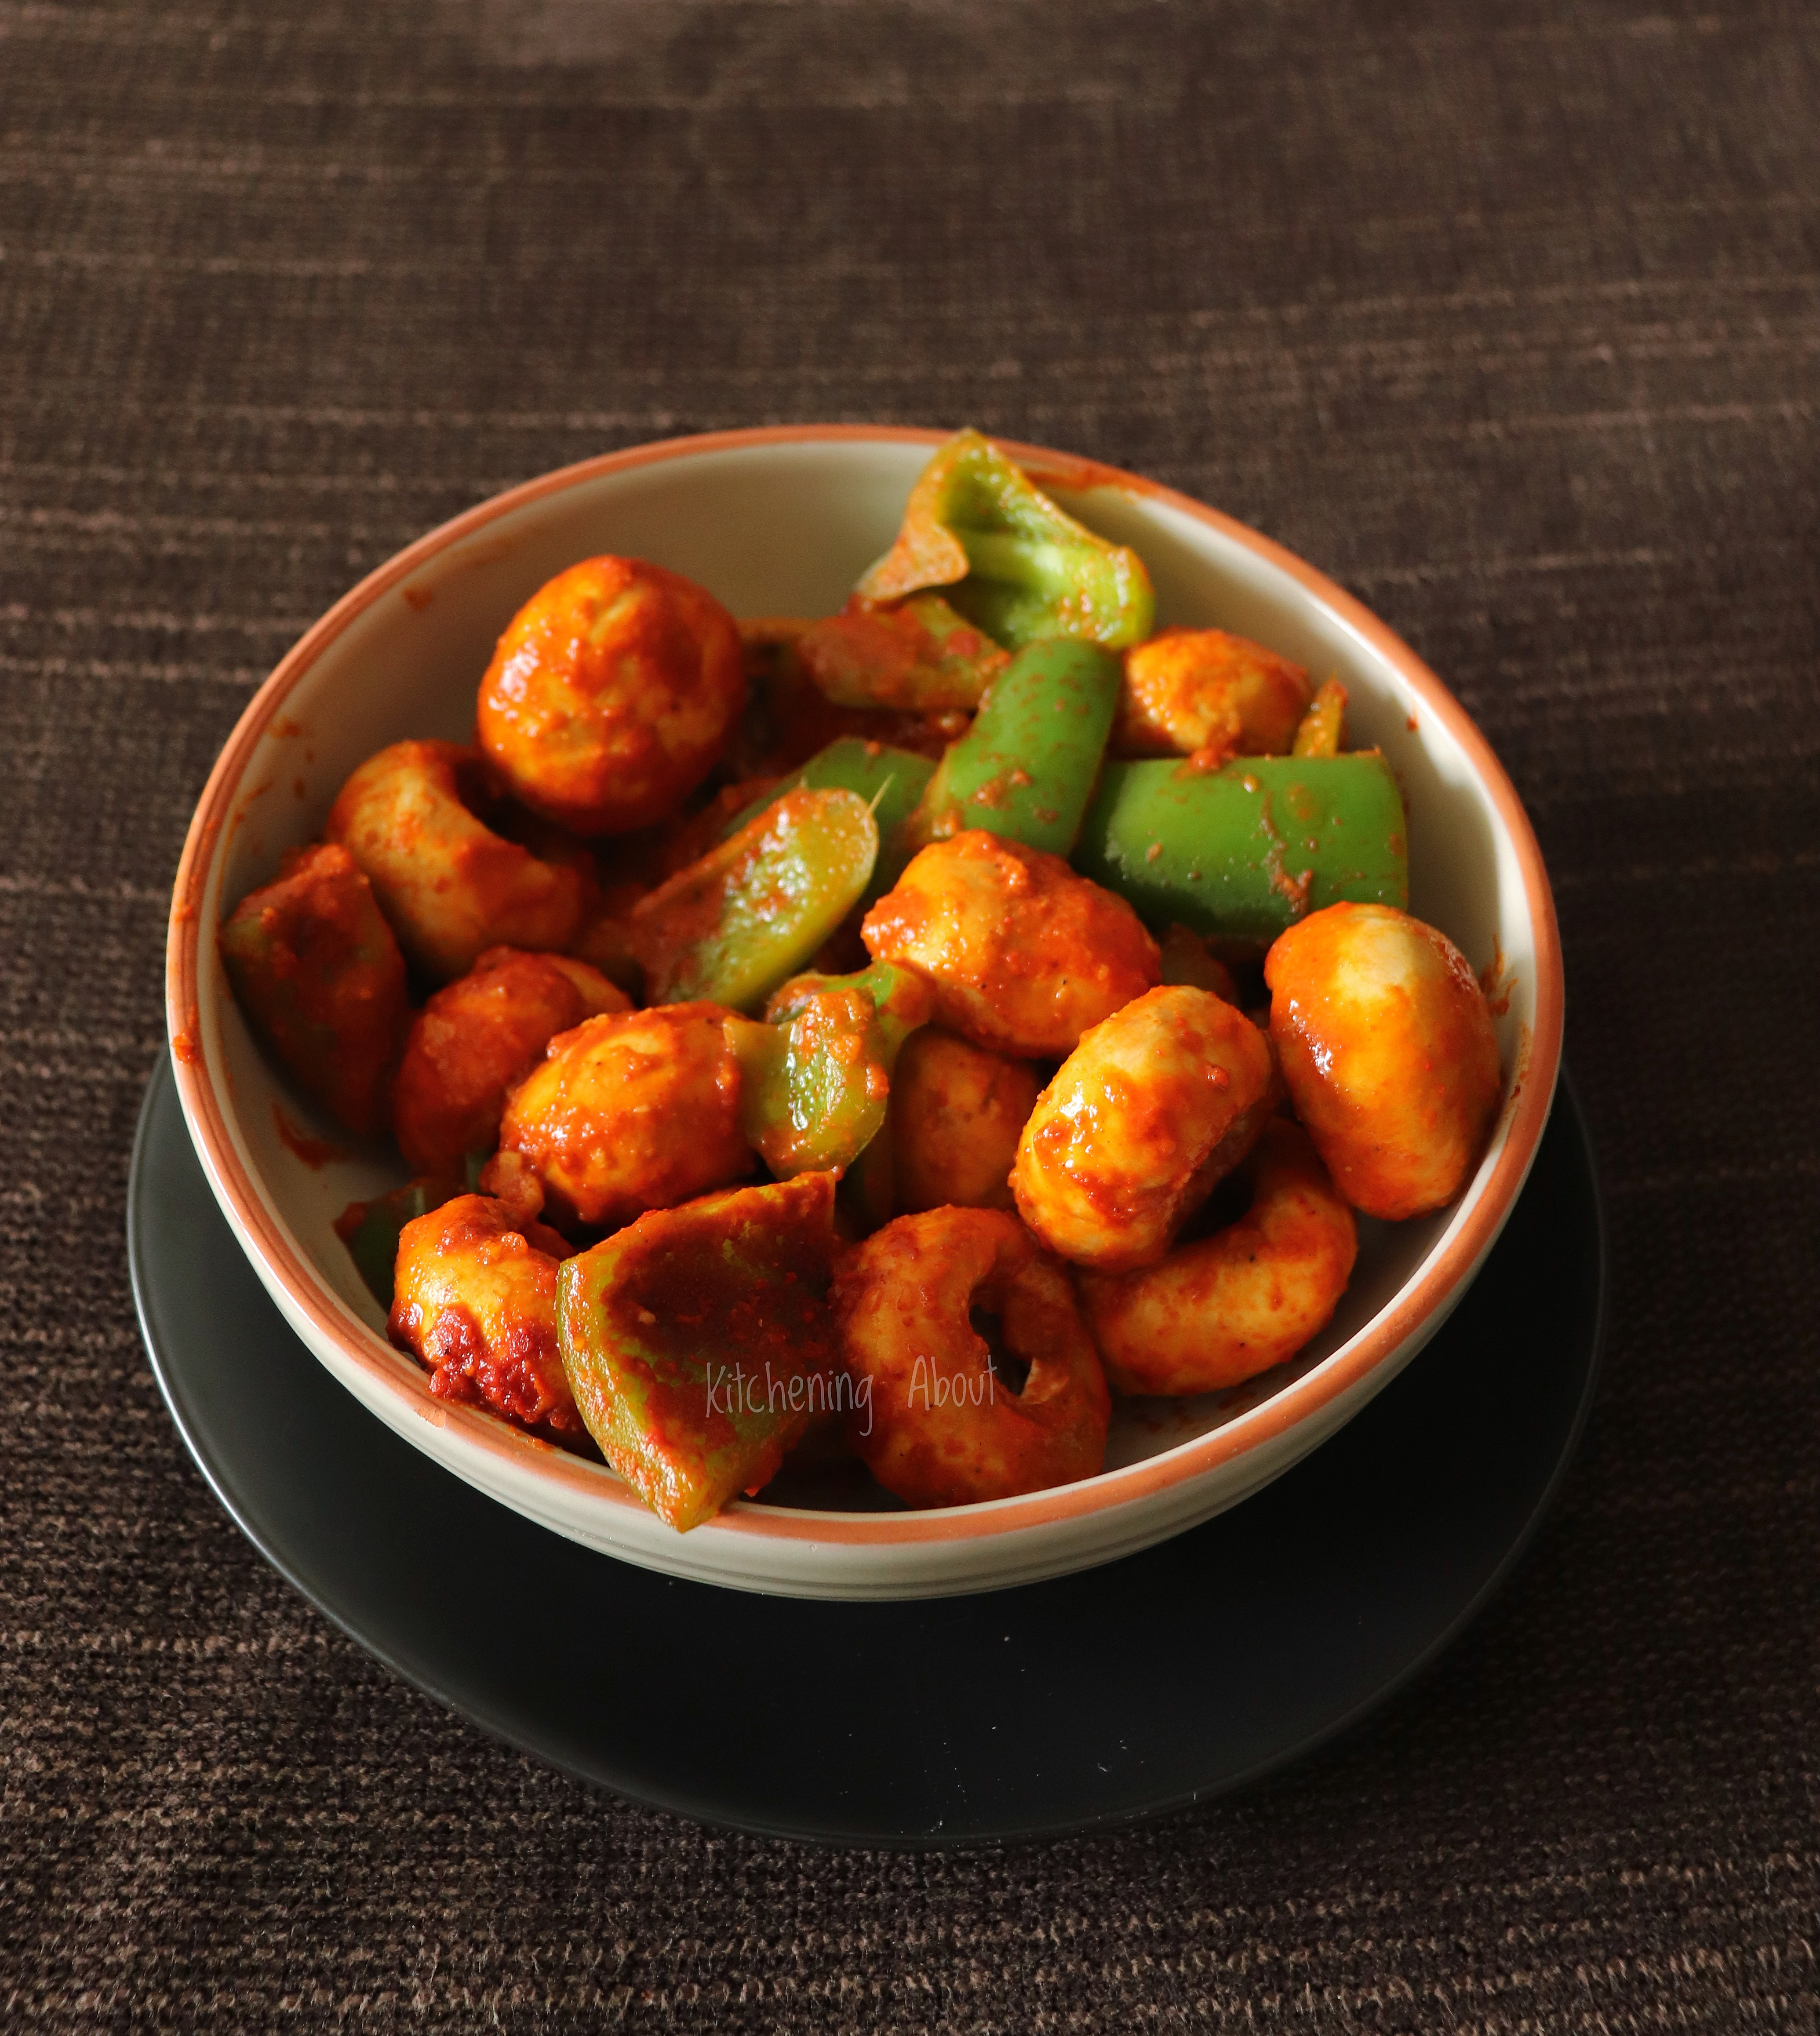 Mushroom & Capscium cooked in vegan curry sauce